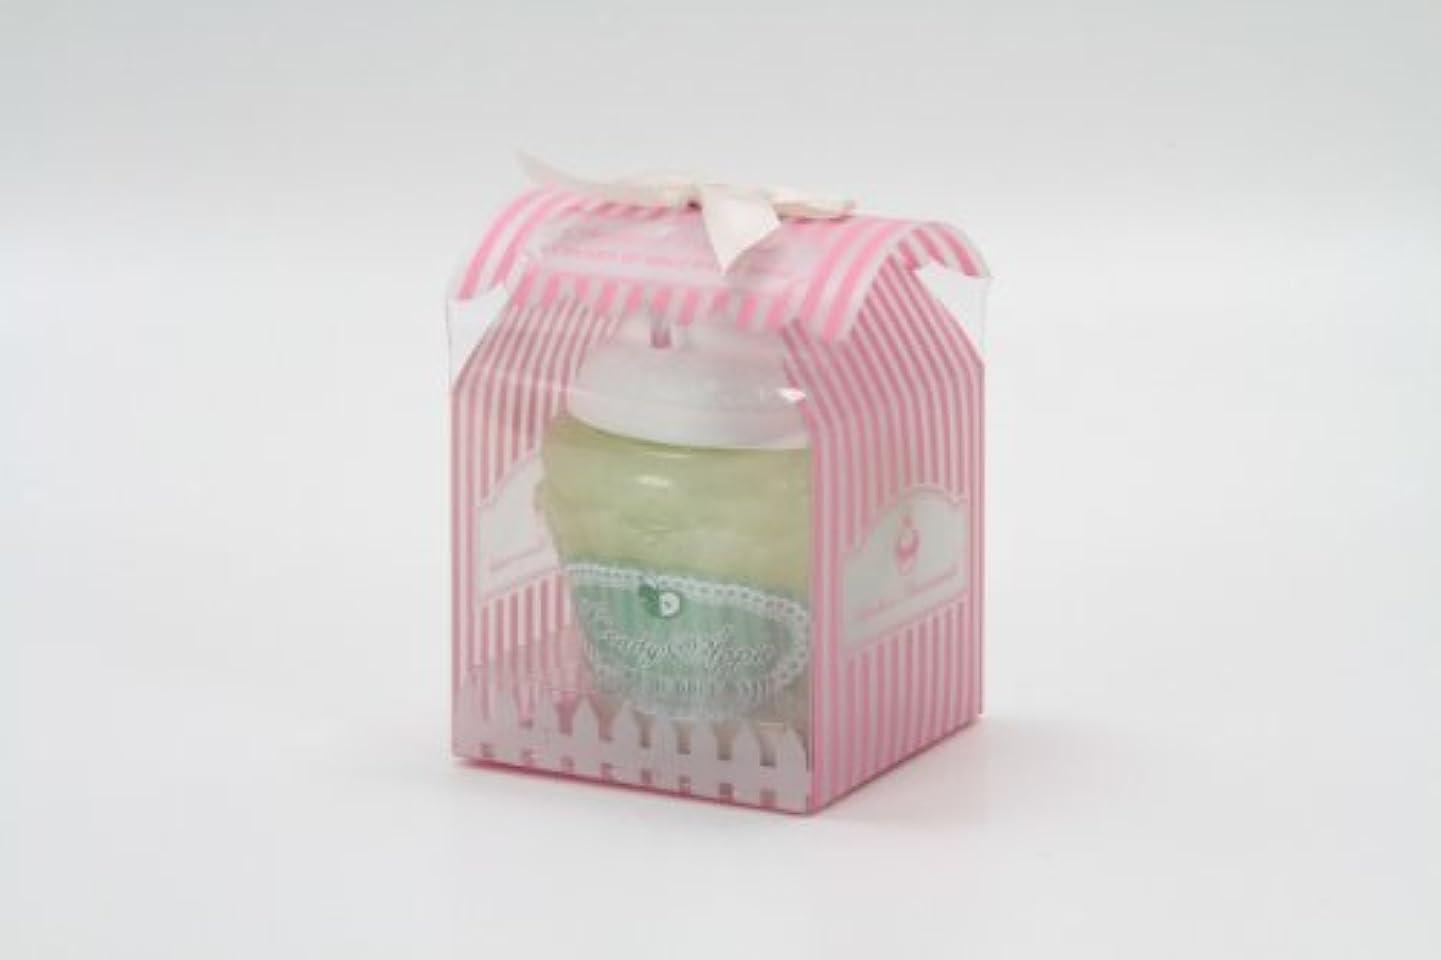 哀れな空執着バブルバス カップケーキ キャンディーアップル